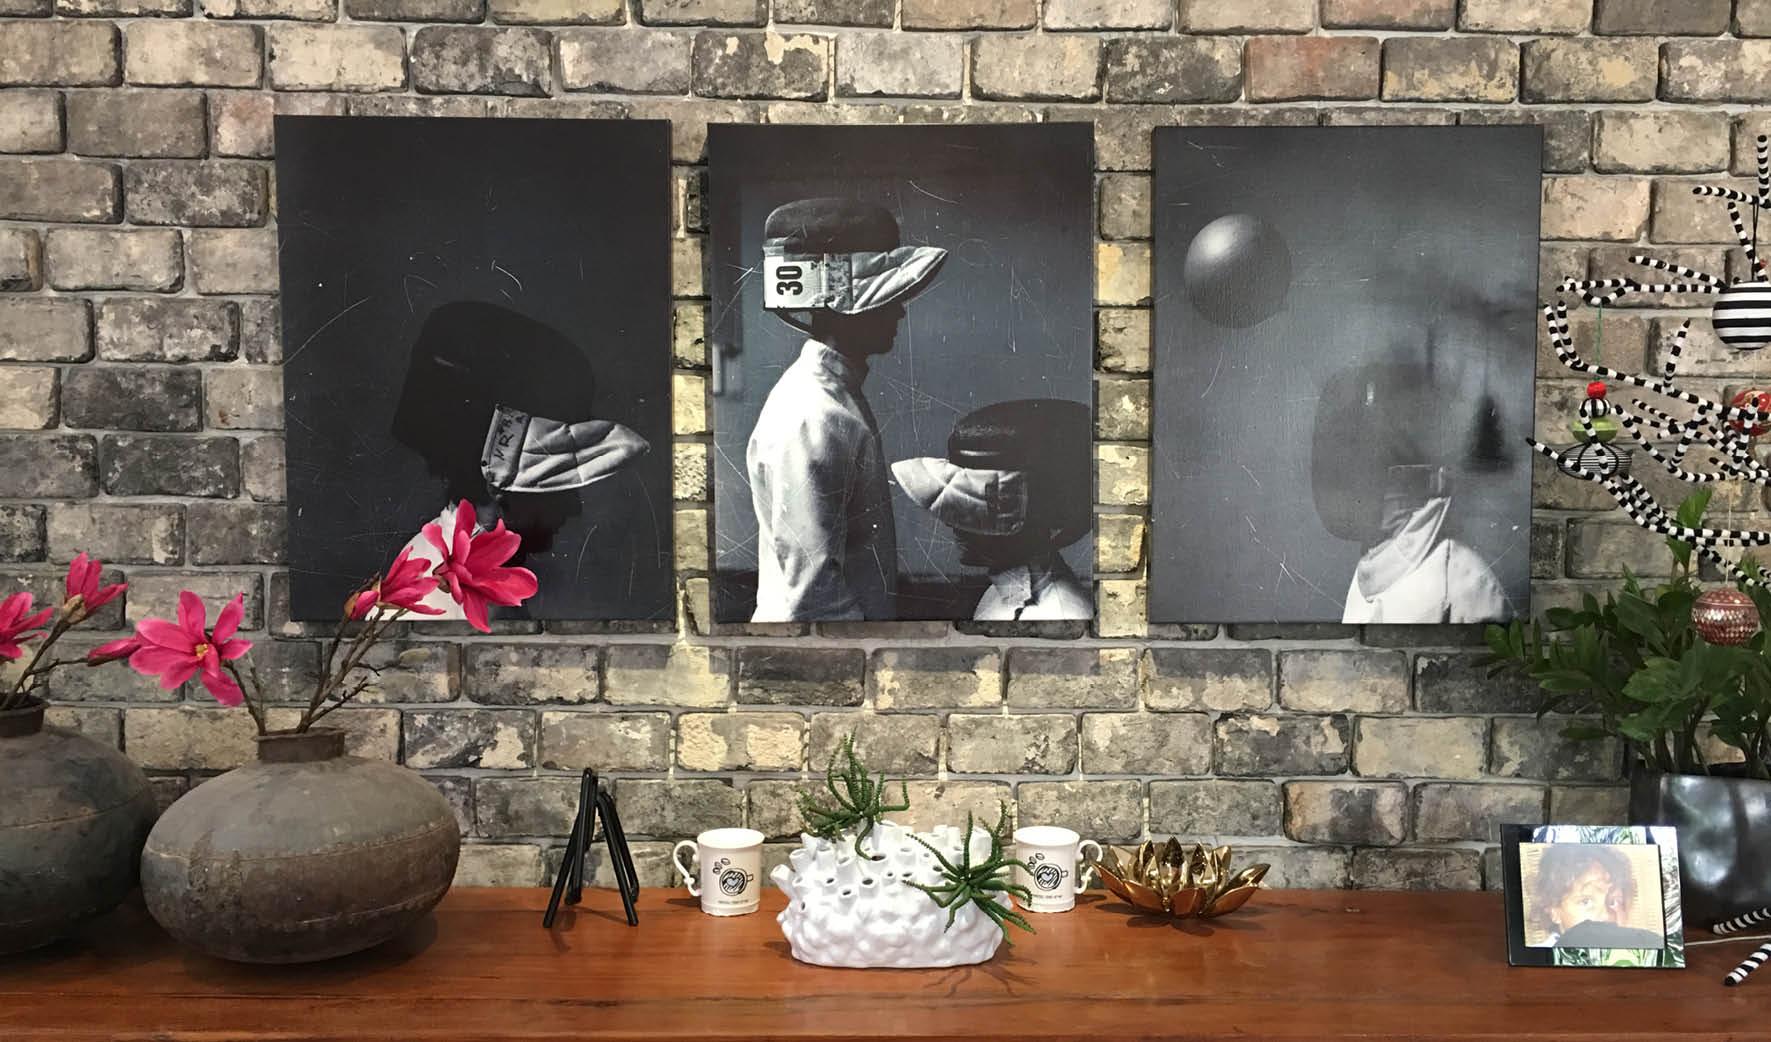 תמונות אומנות עם הכוסות